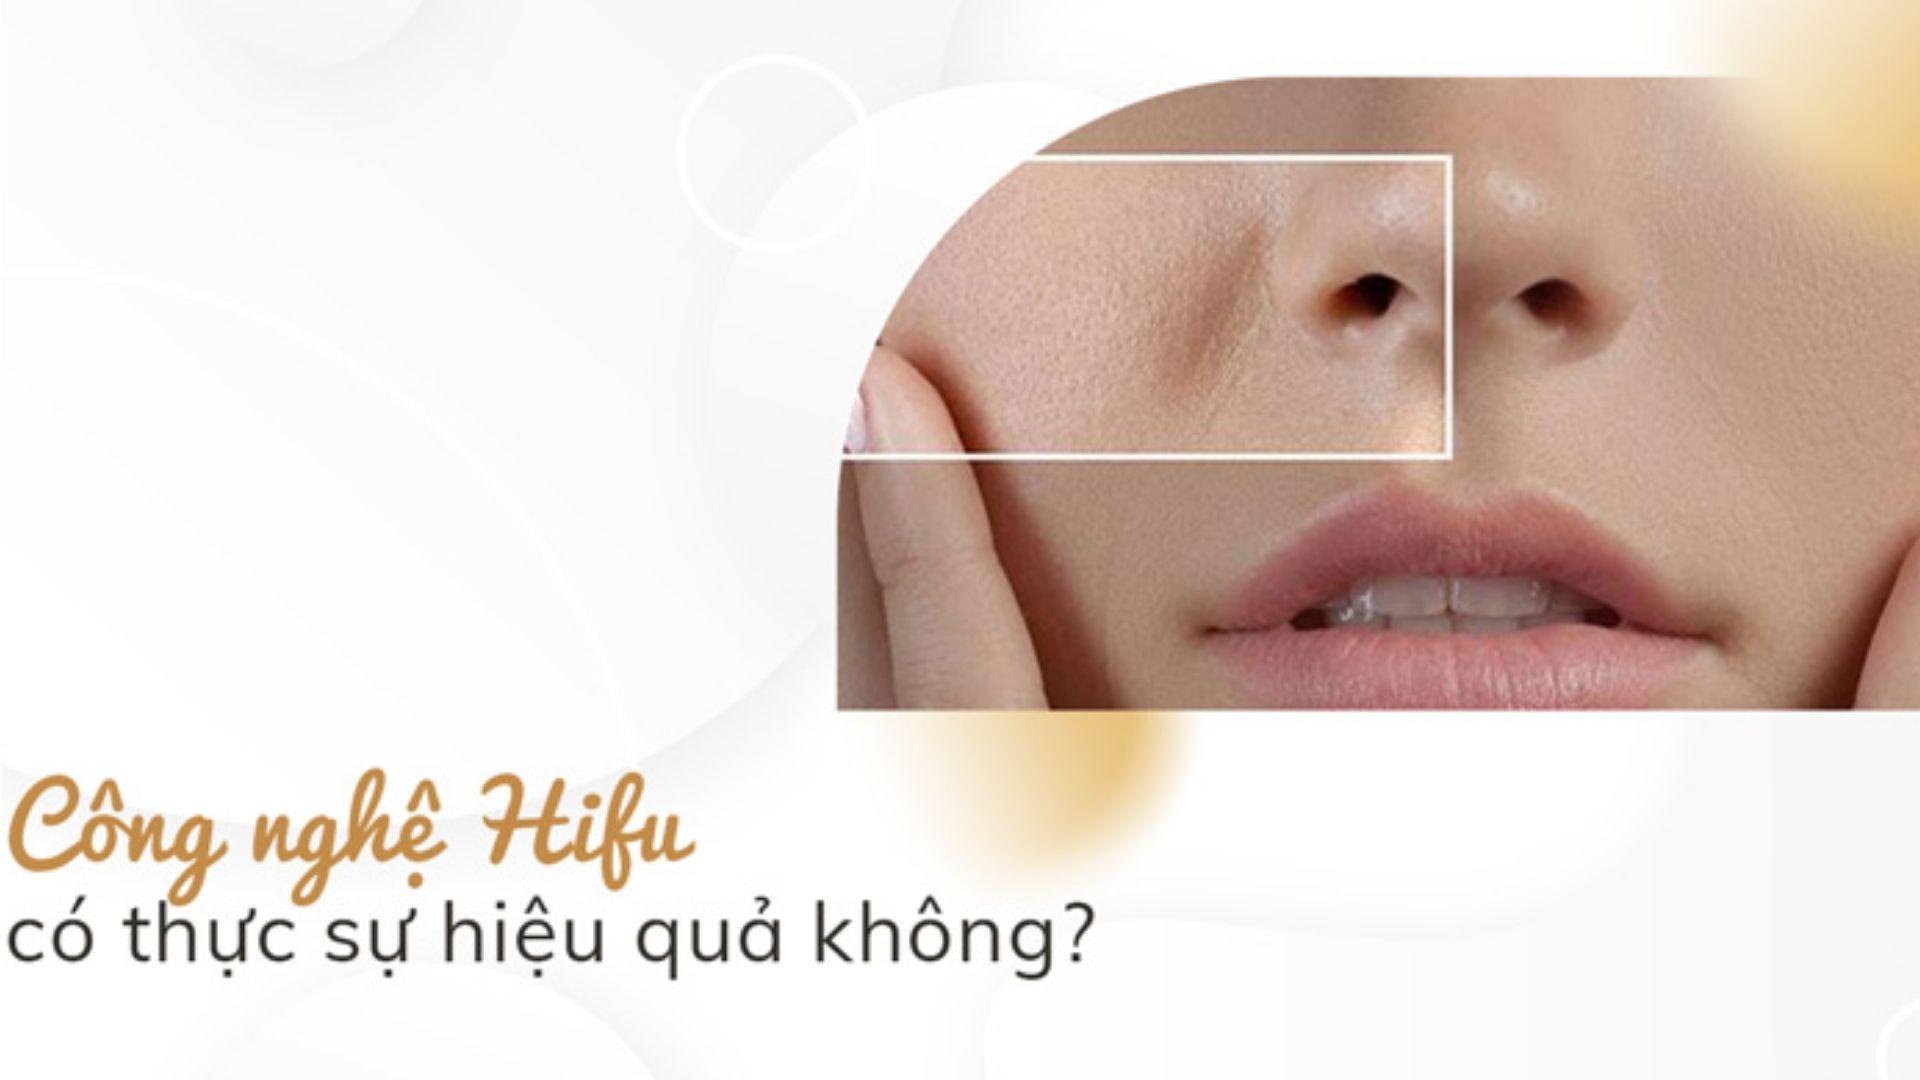 Trẻ hóa da bằng công nghệ HIFU